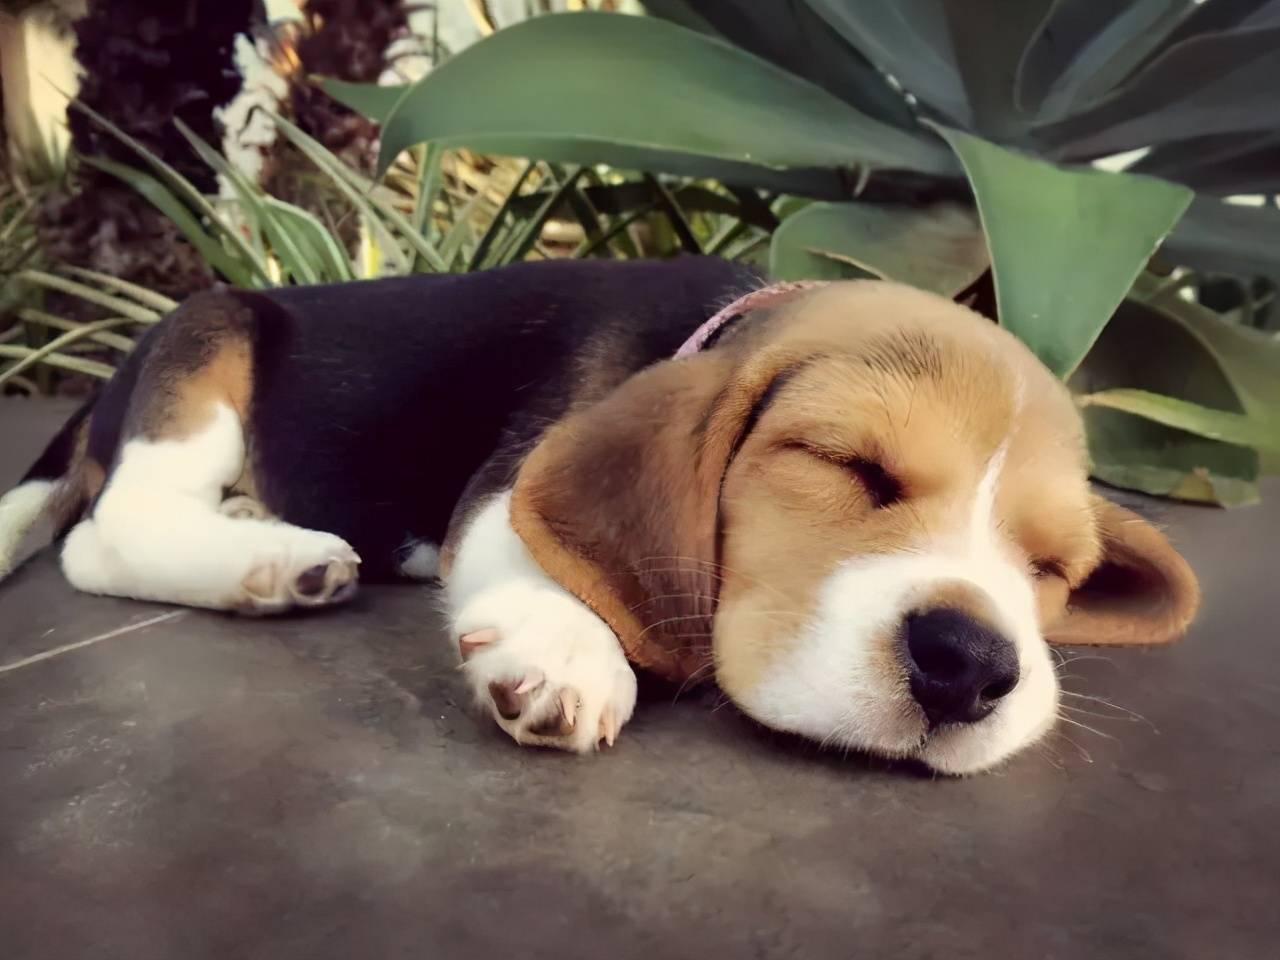 累成狗的心情短语 累成狗的幽默经典句子